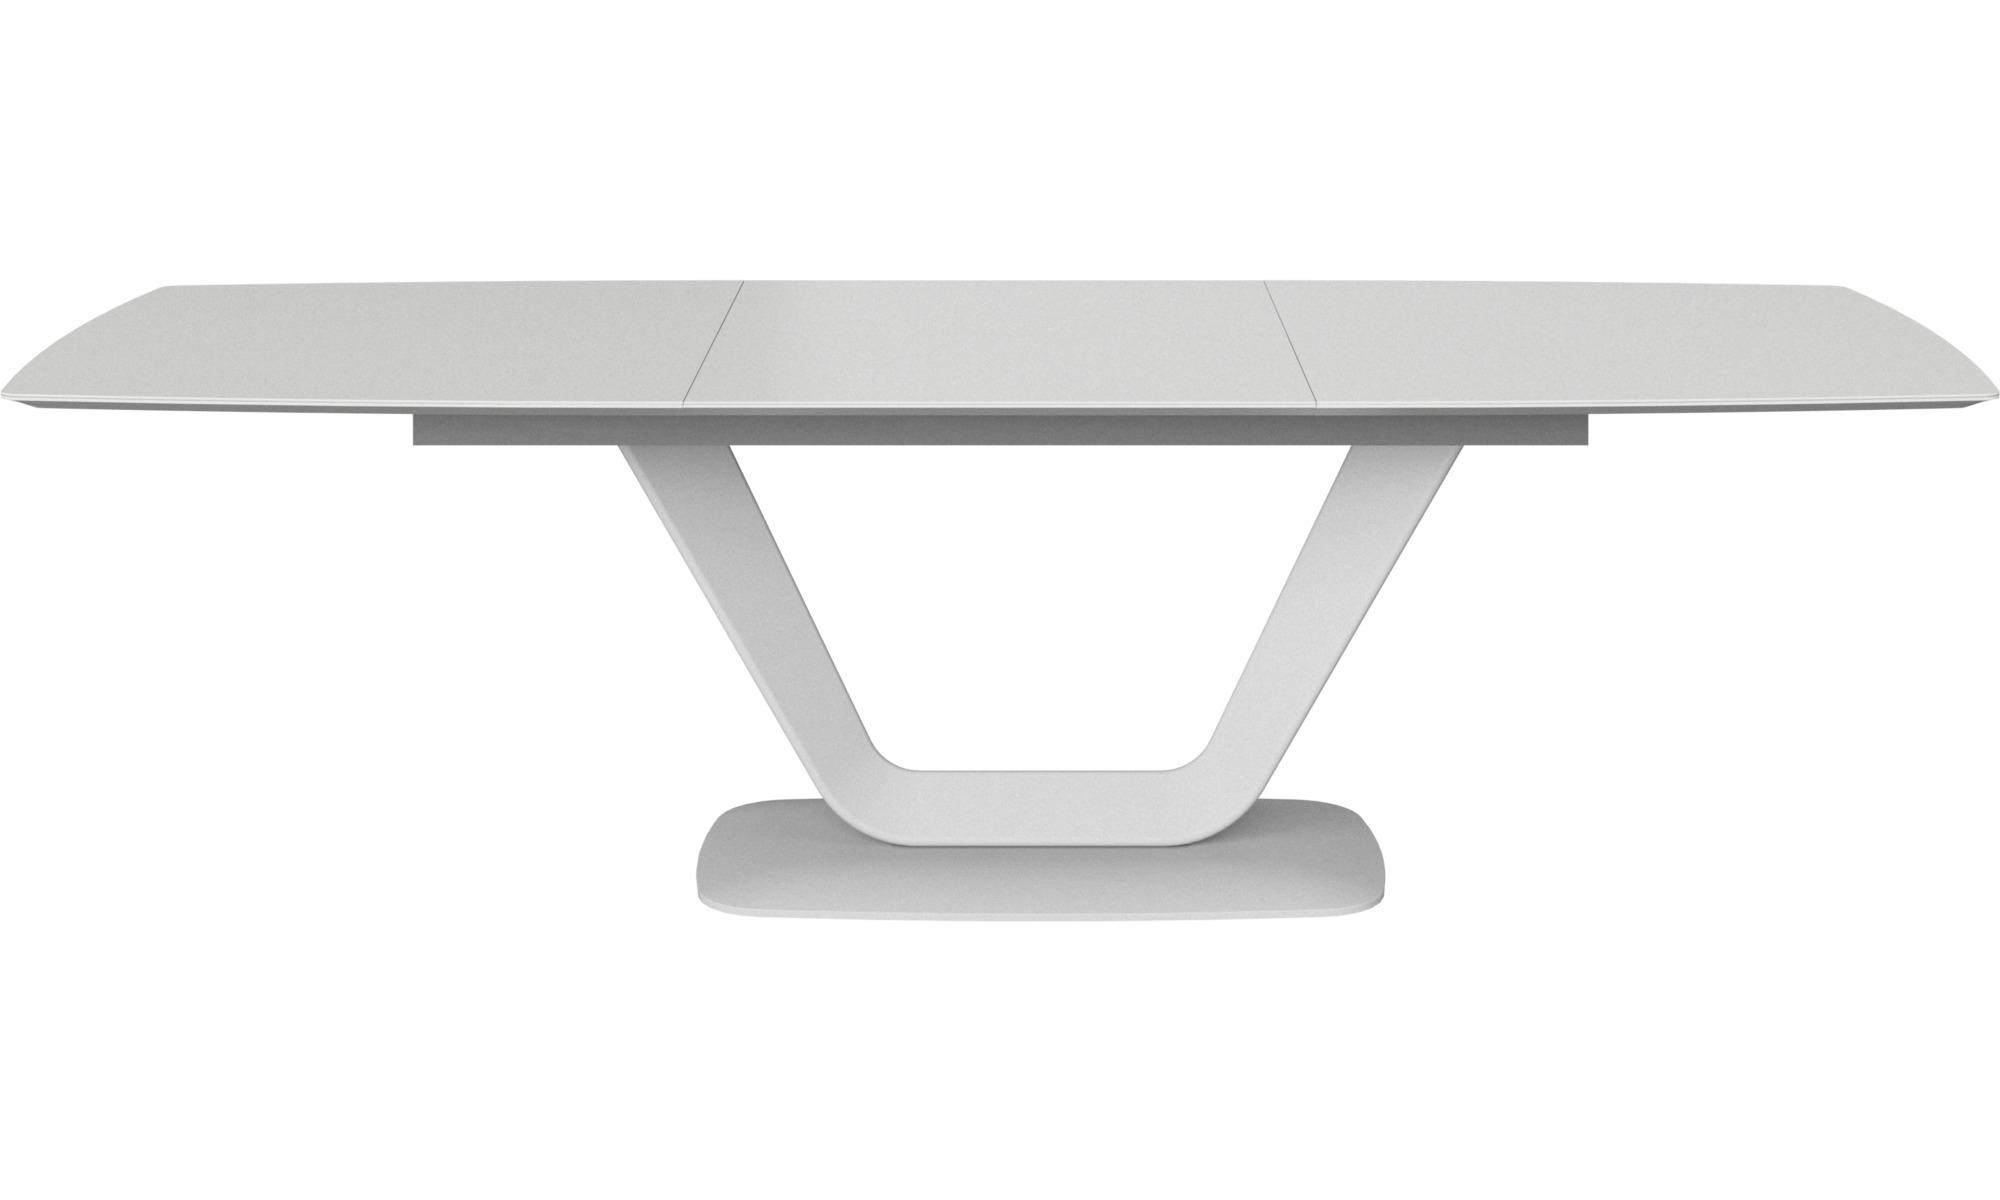 Full Size of Esstisch Weiß Oval Esstische Alicante Tisch Mit Zusatztischplatte Boconcept Klein Bett 200x200 4 Stühlen Günstig Betten Betonplatte Industrial Weißes Esstische Esstisch Weiß Oval